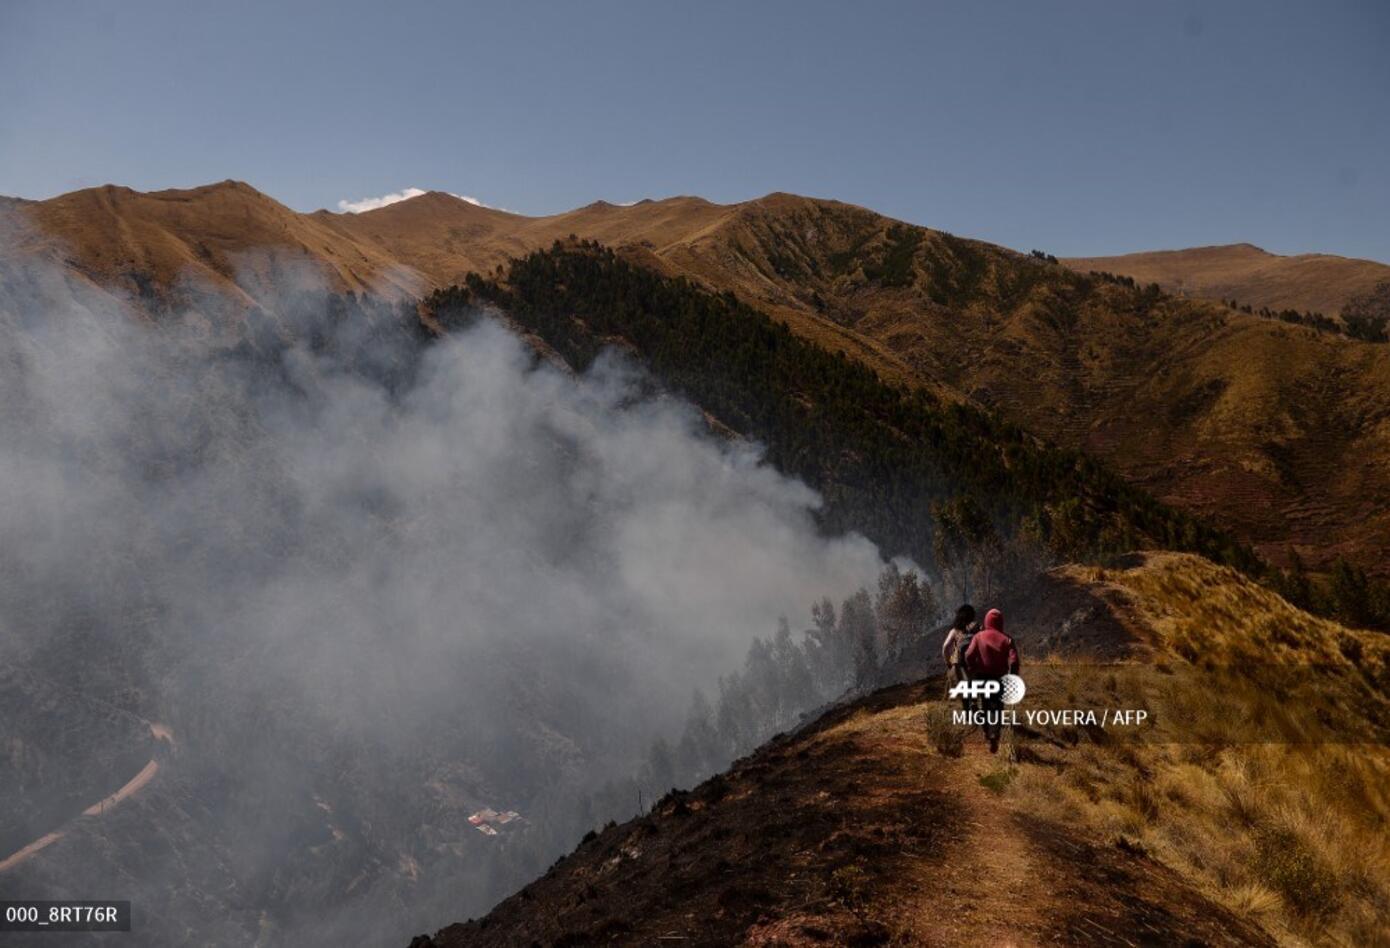 Incendio forestal cerca de parque arqueológico de Cusco (Perú)